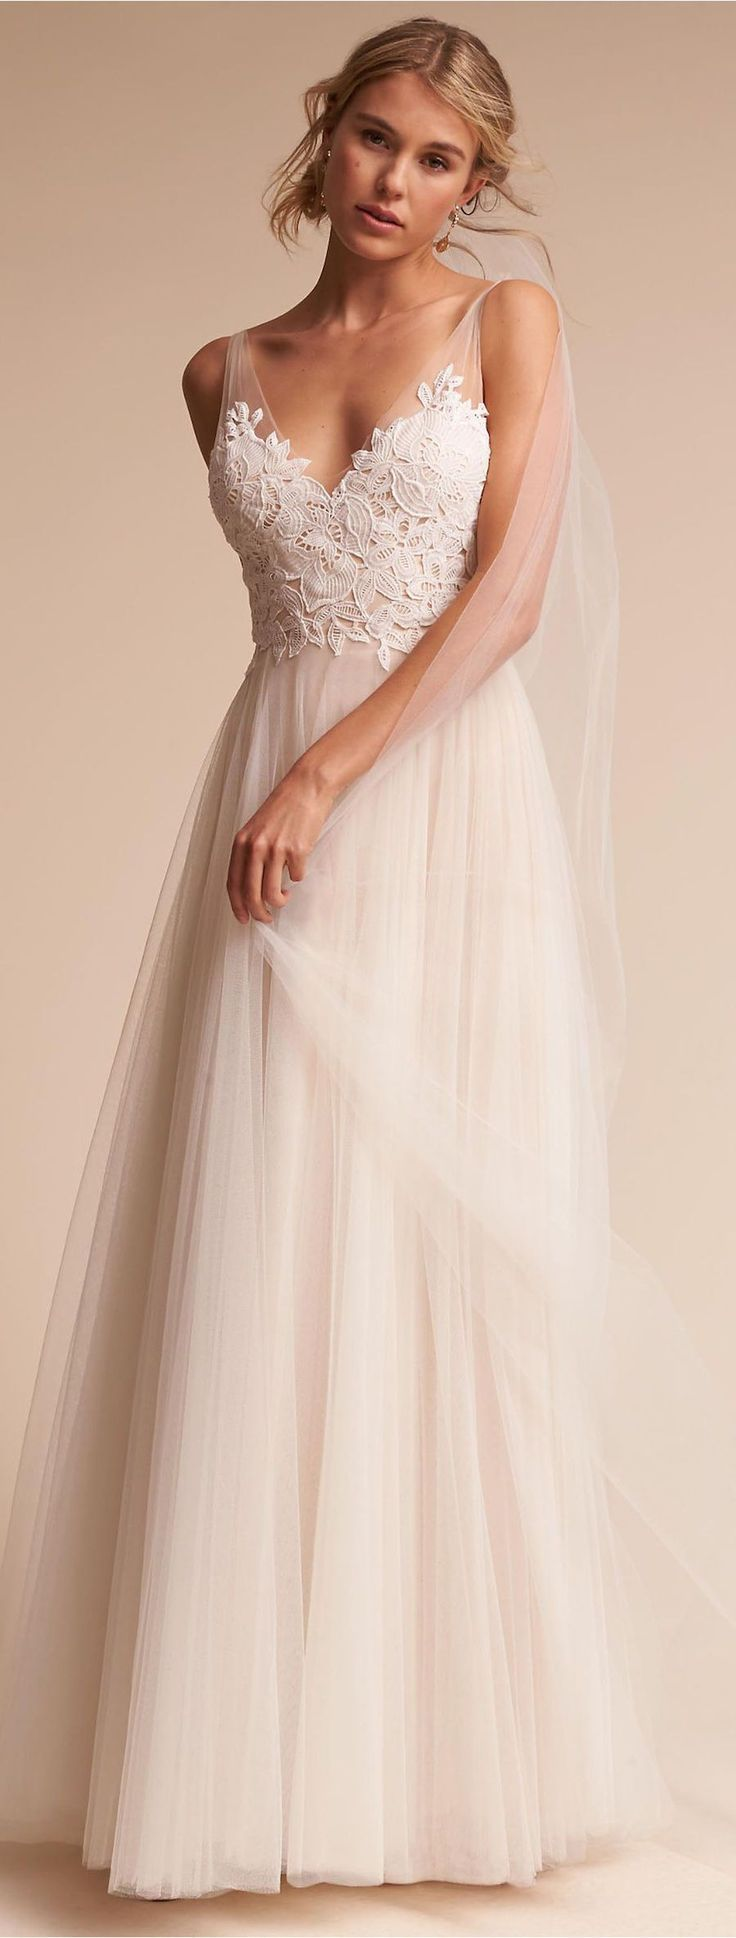 Hochzeitskleid #Hochzeit #Hochzeitskleid #Inspiration #Kleid Das